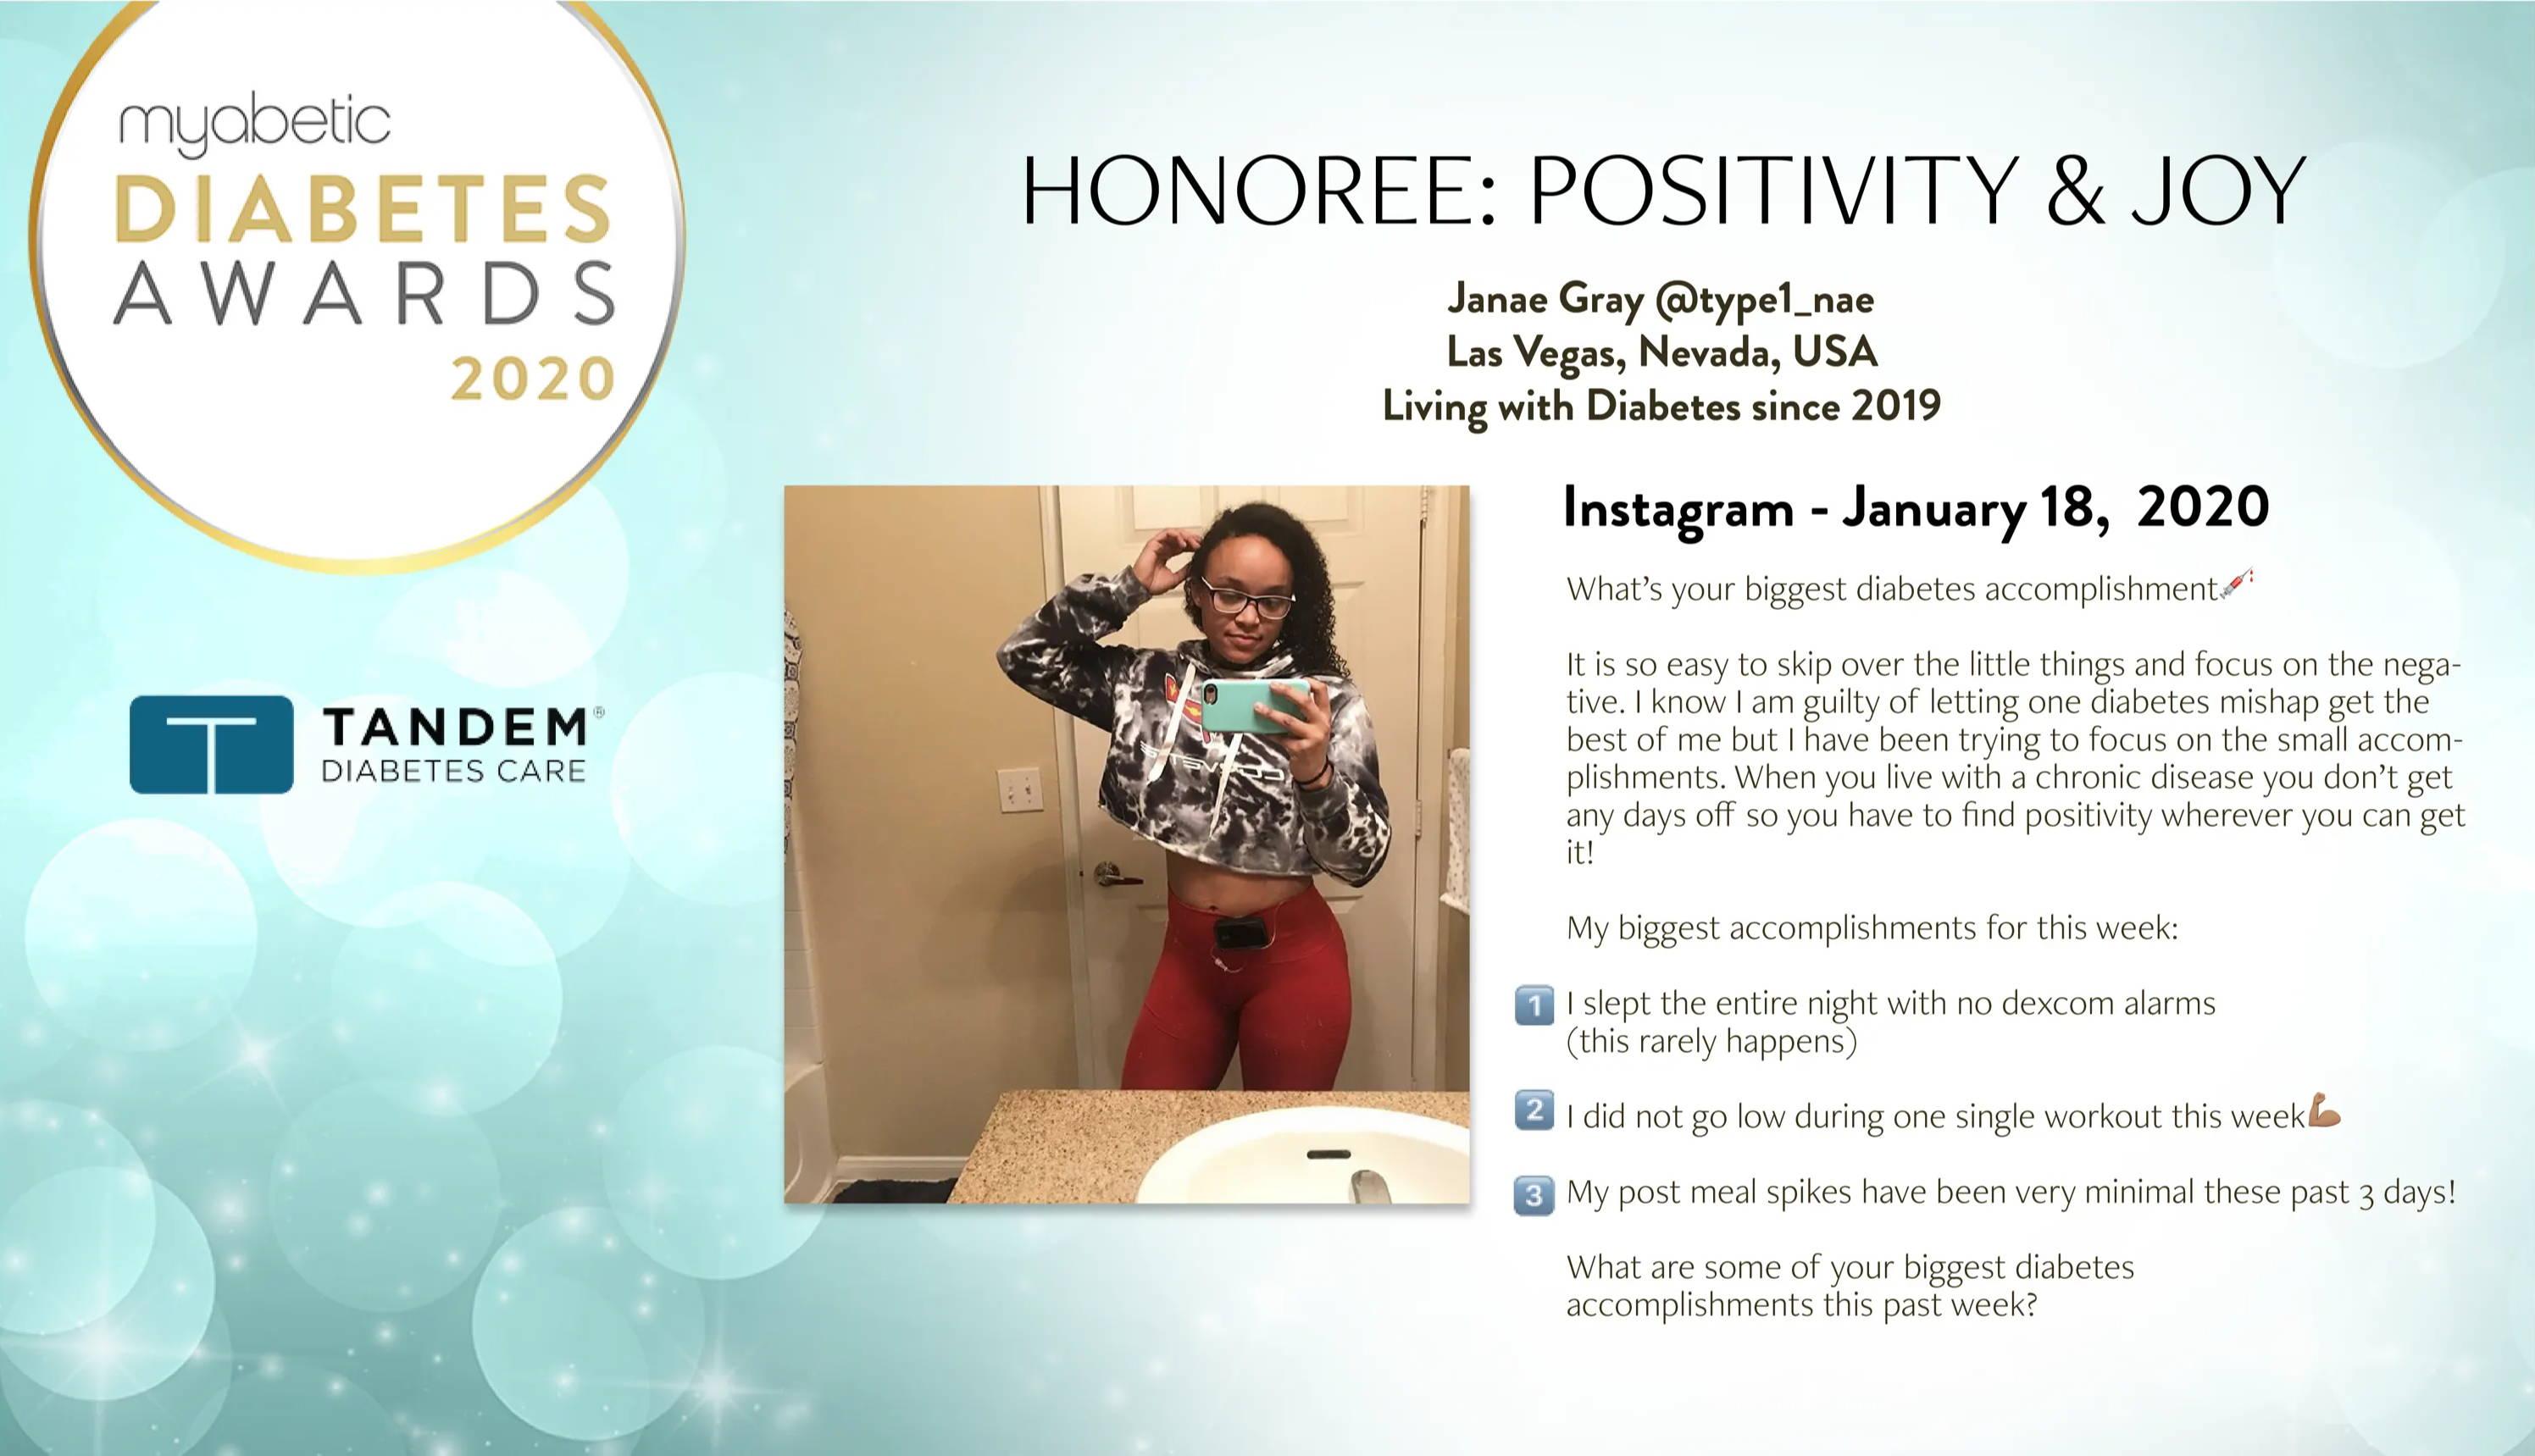 diabetes-awards-janae-gray